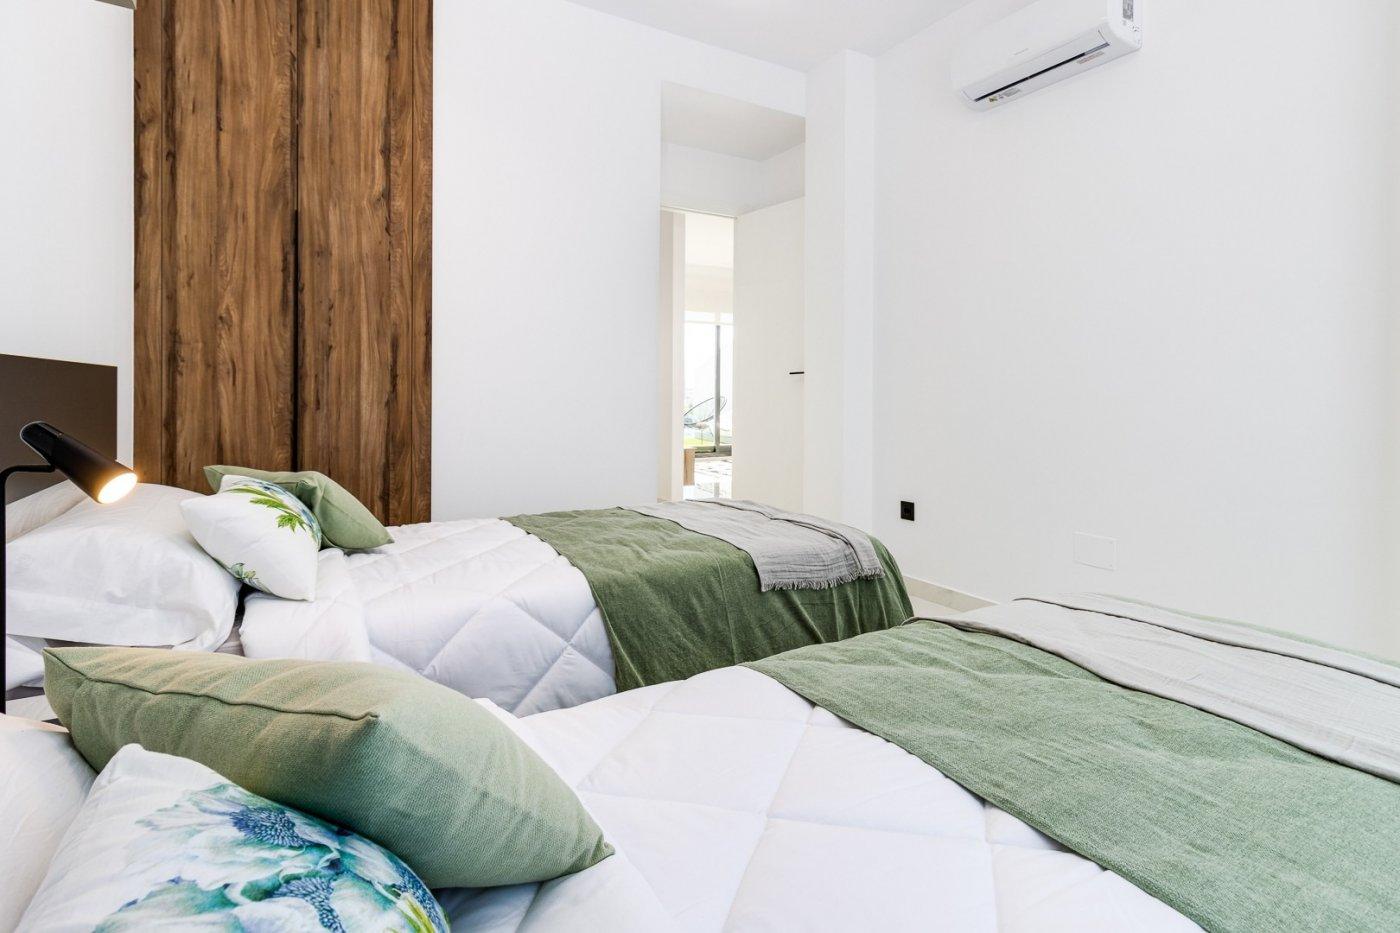 Nuevo complejo residencial en el raso (guardamar)!!! - imagenInmueble26